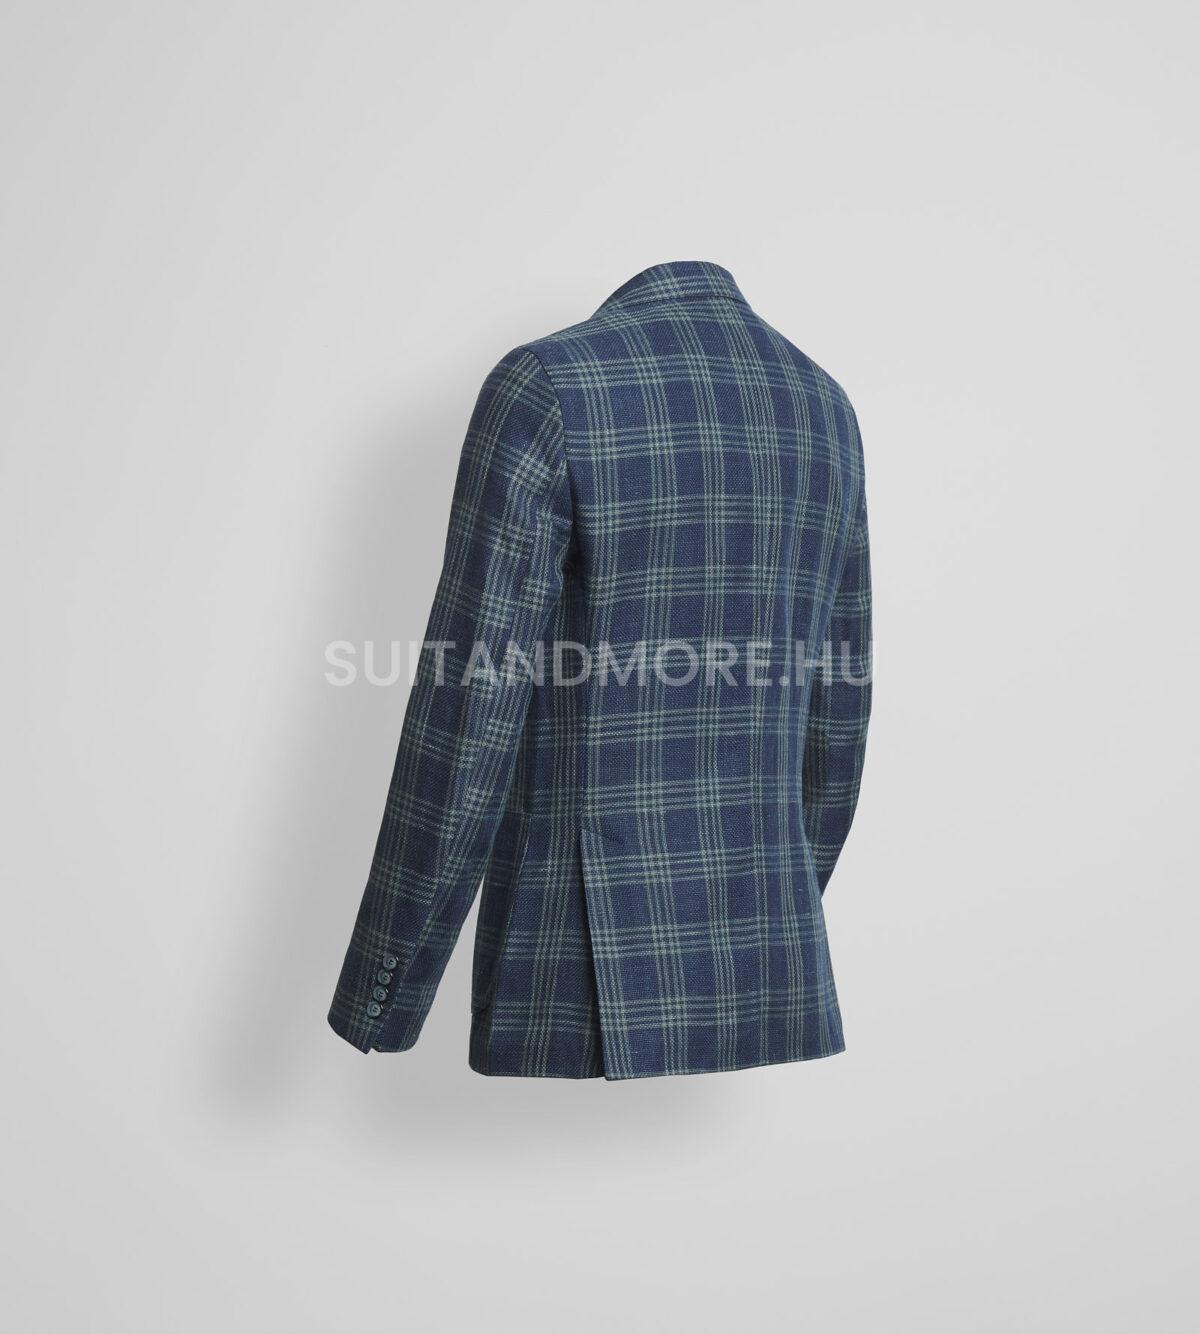 digel-sotetkek-modern-fit-kockas-lenvaszon-zako-edward-1192574-23